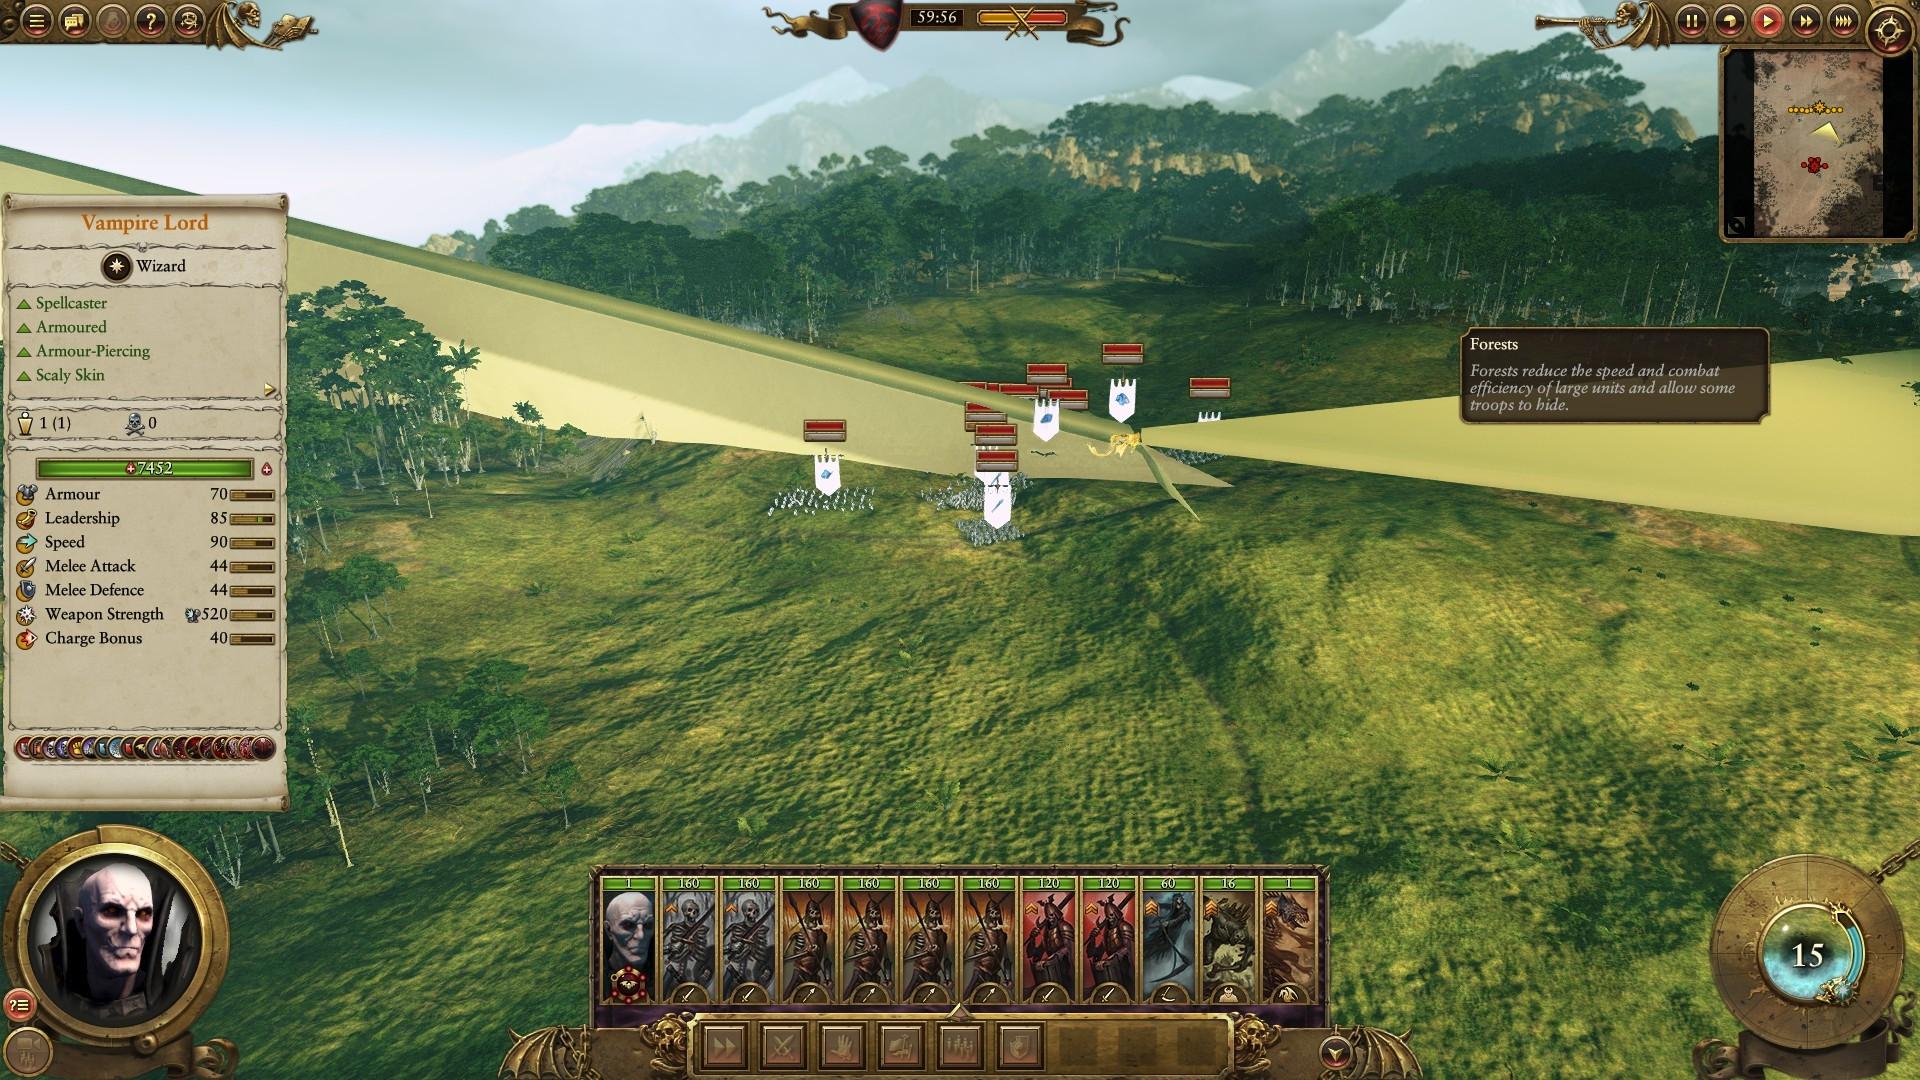 патч medieval 2 total war 12